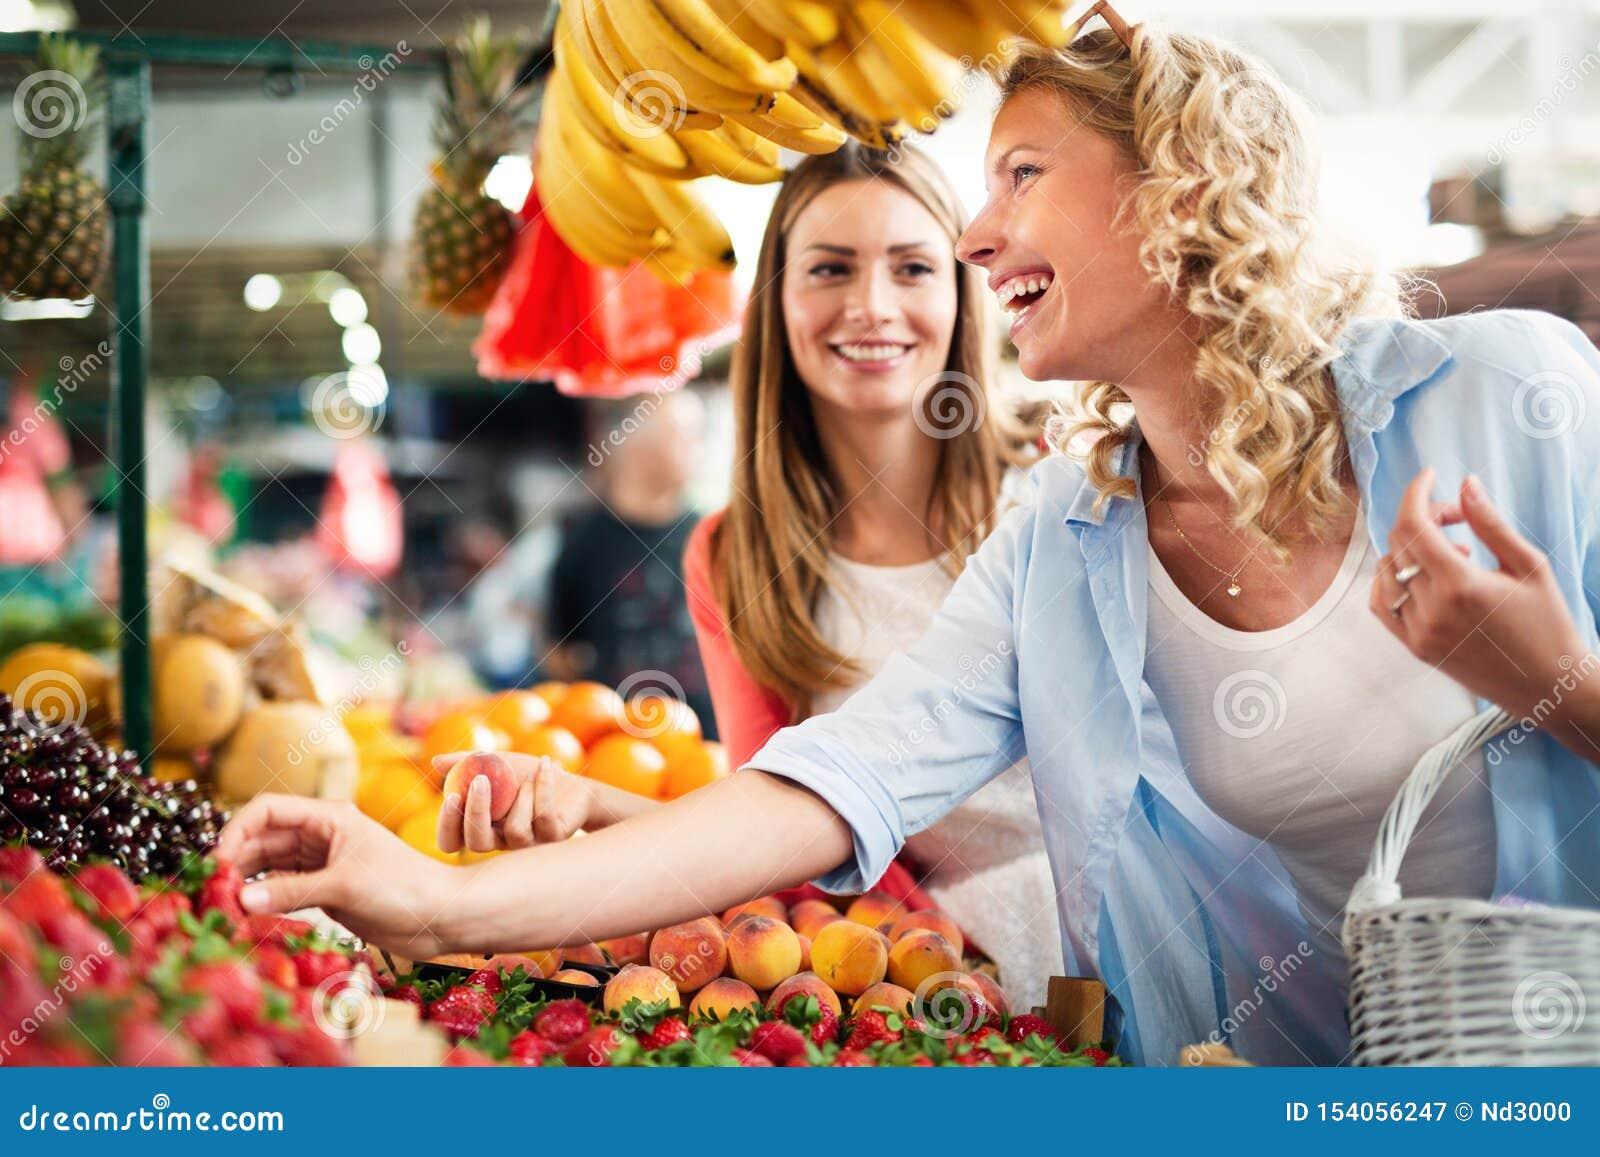 Młode kobiety robi zakupy na targowych zdrowych owoc i warzywach